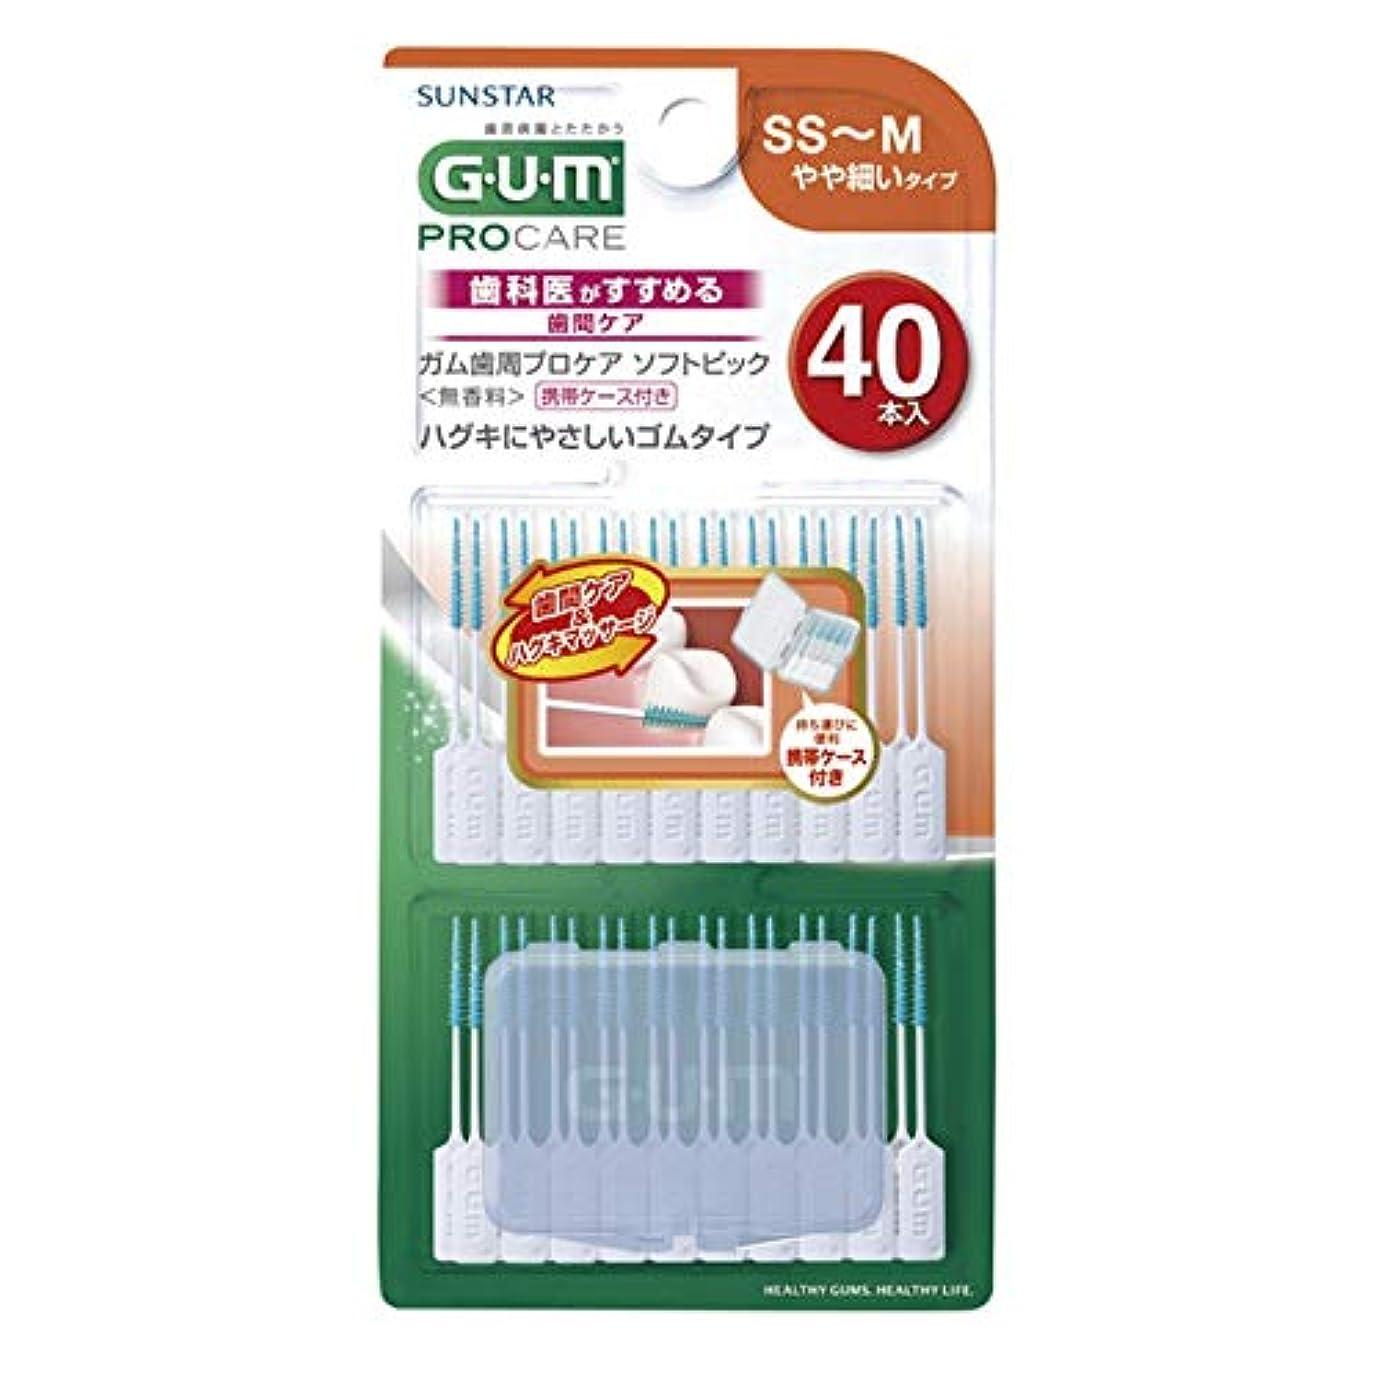 ビタミンスマッシュ管理しますGUM(ガム) 歯周プロケア ソフトピック 40P 歯間ブラシ ゴムタイプ 無香料 [サイズ:SS~M]